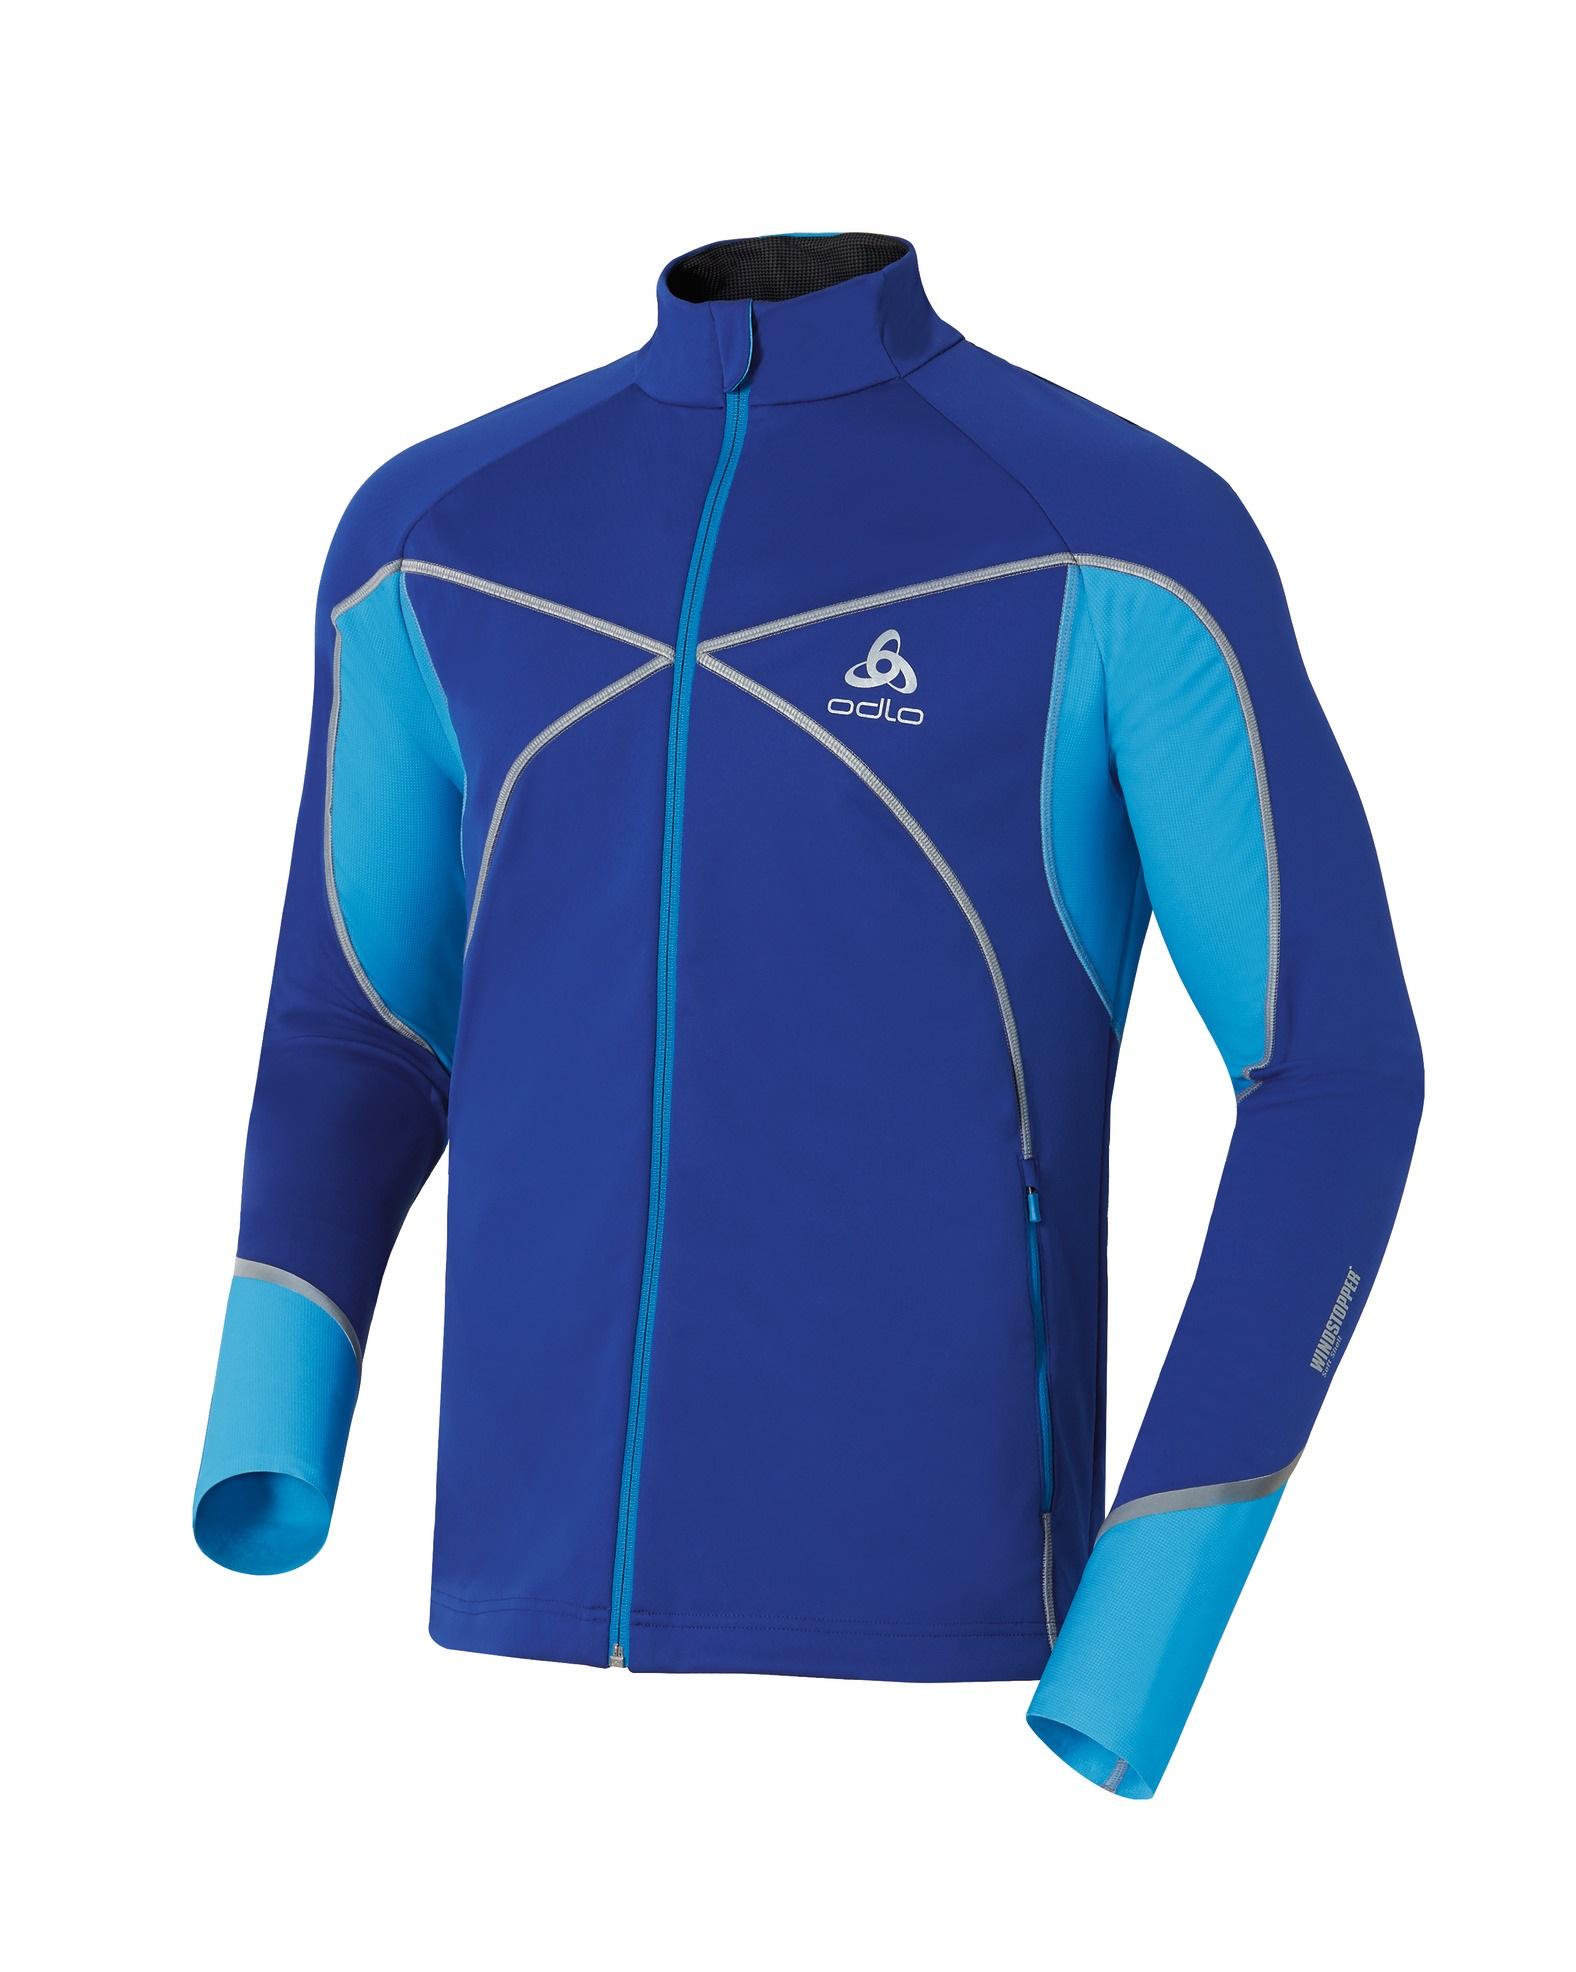 Спортивная Одежда Купить